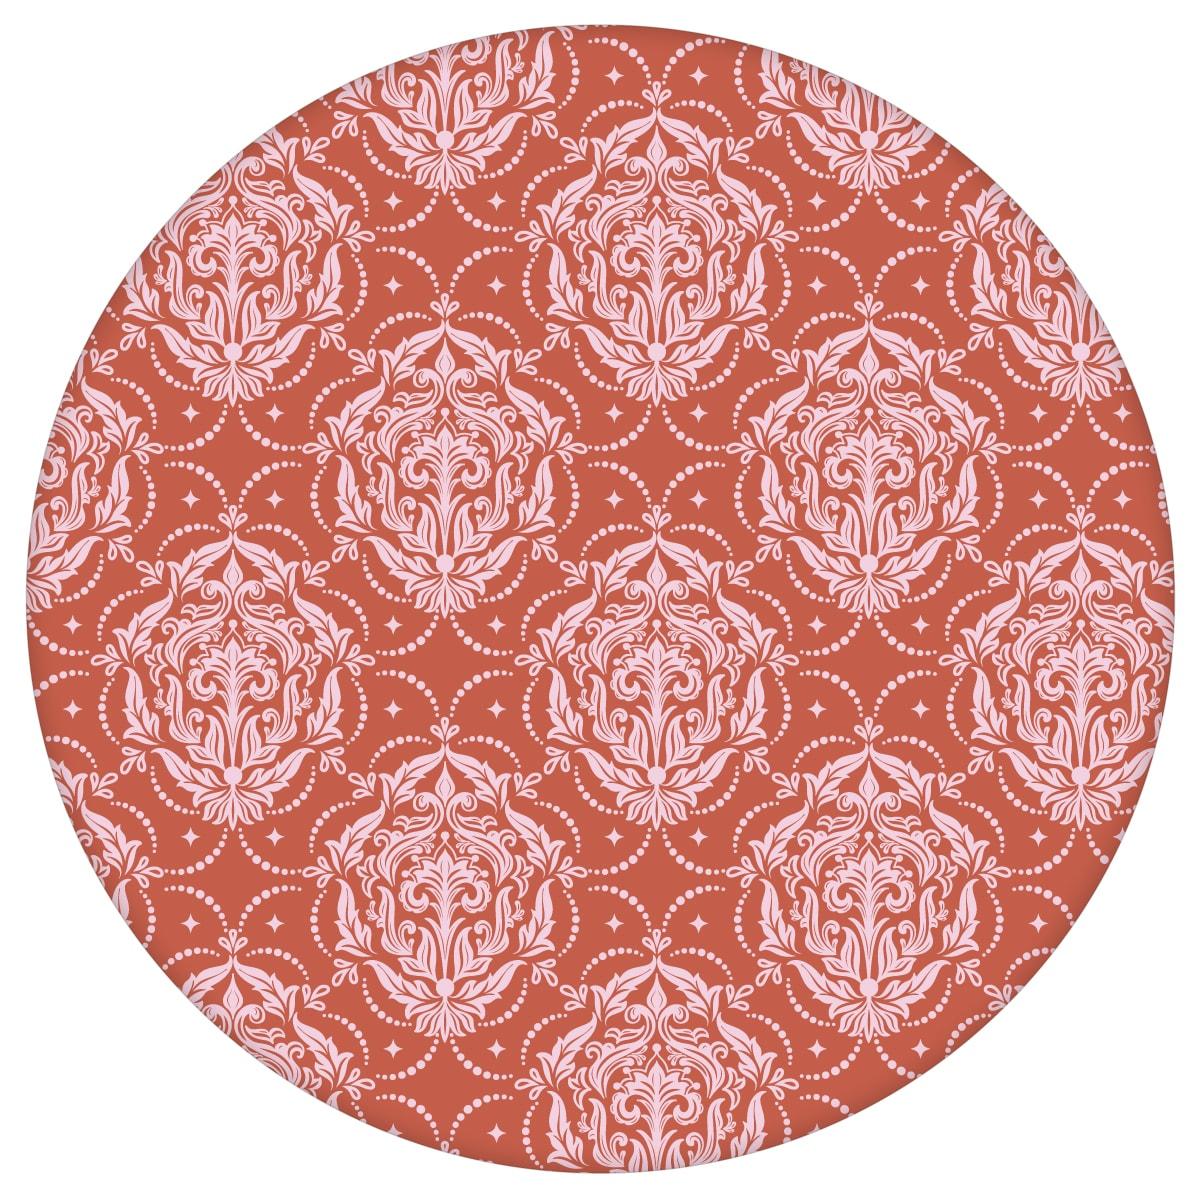 Ornamenttapete My Castle Damast Muster in rot braun, Design Tapete für Ihr Zuhause 2